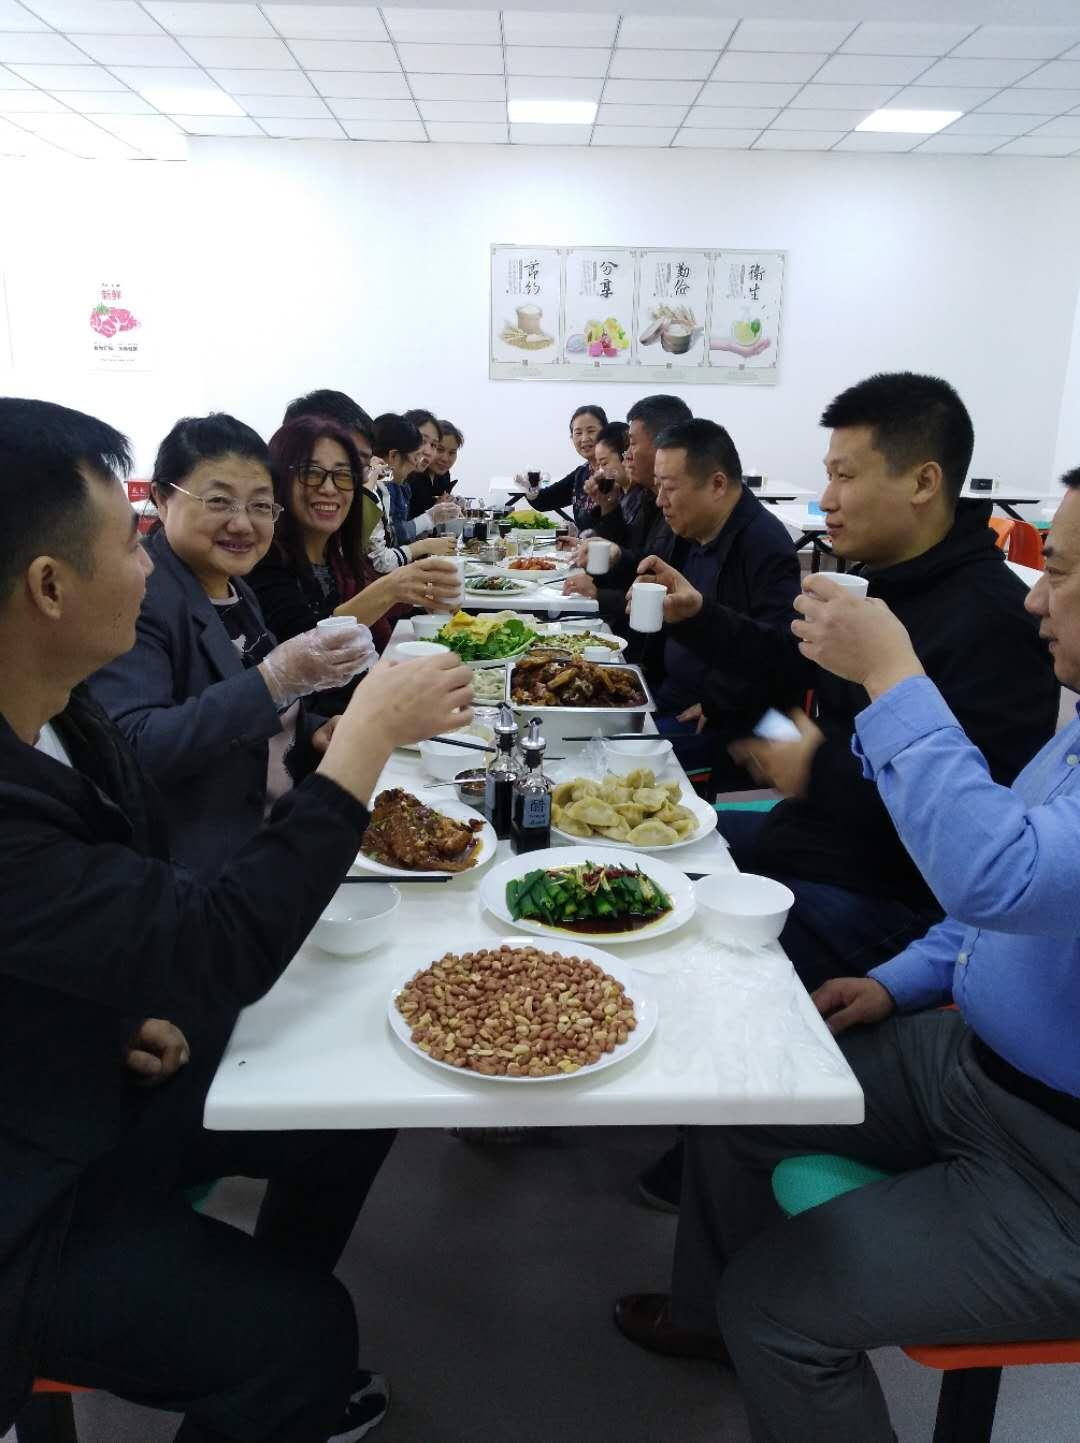 彤鑫達餐飲服務公司